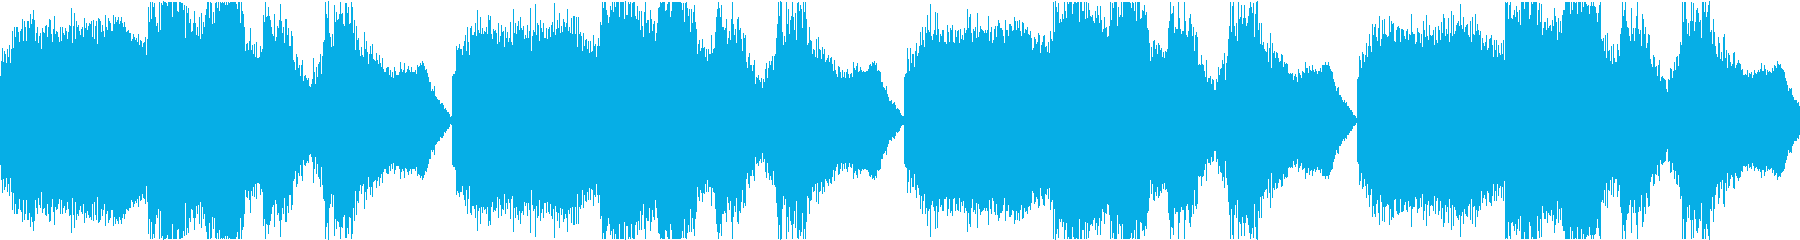 サイレン siren 警報 アラート11の再生済みの波形